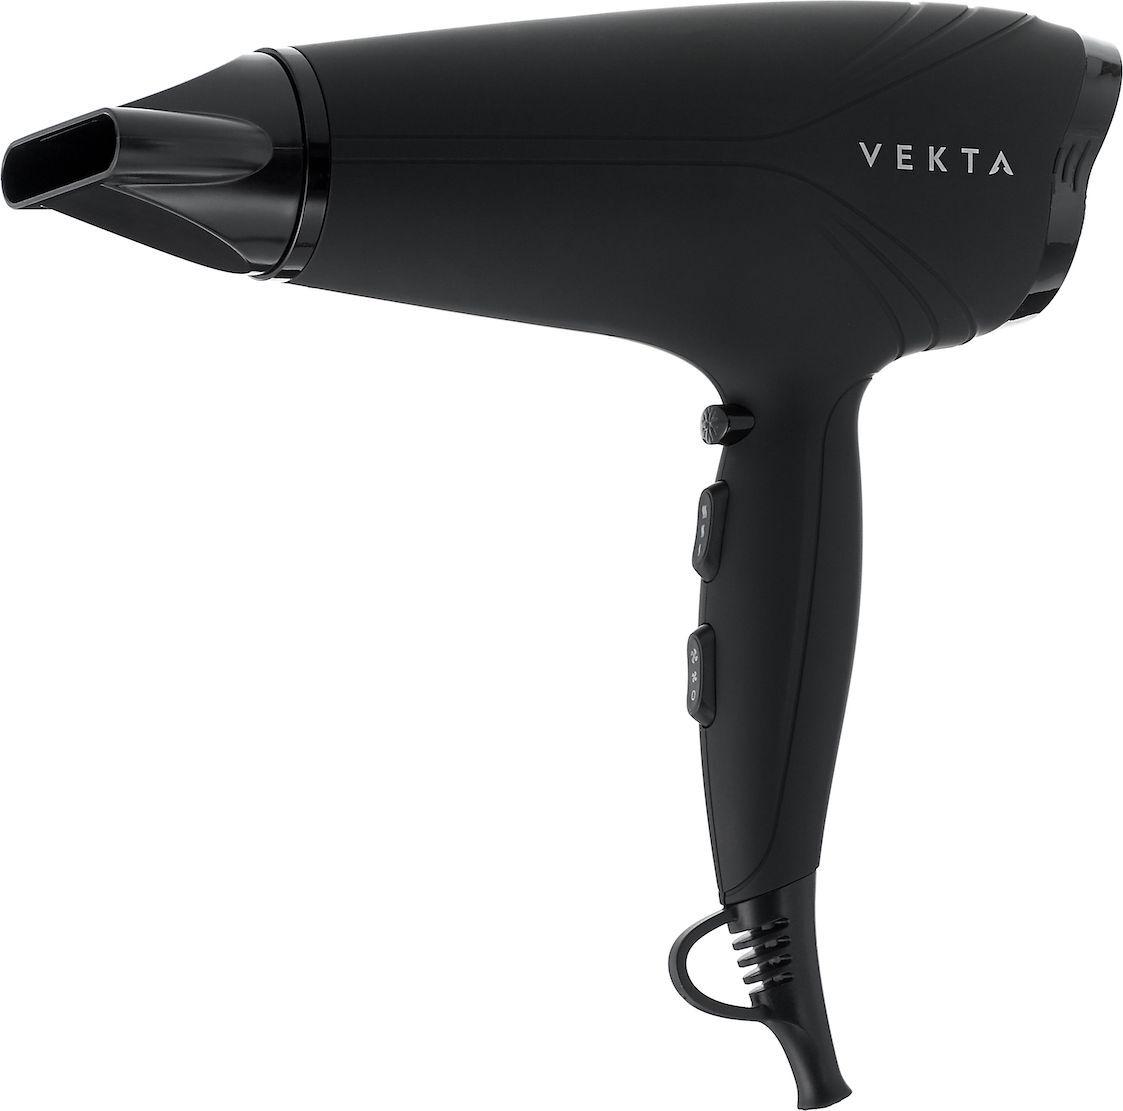 Фен Vekta HDM-2201H, черный